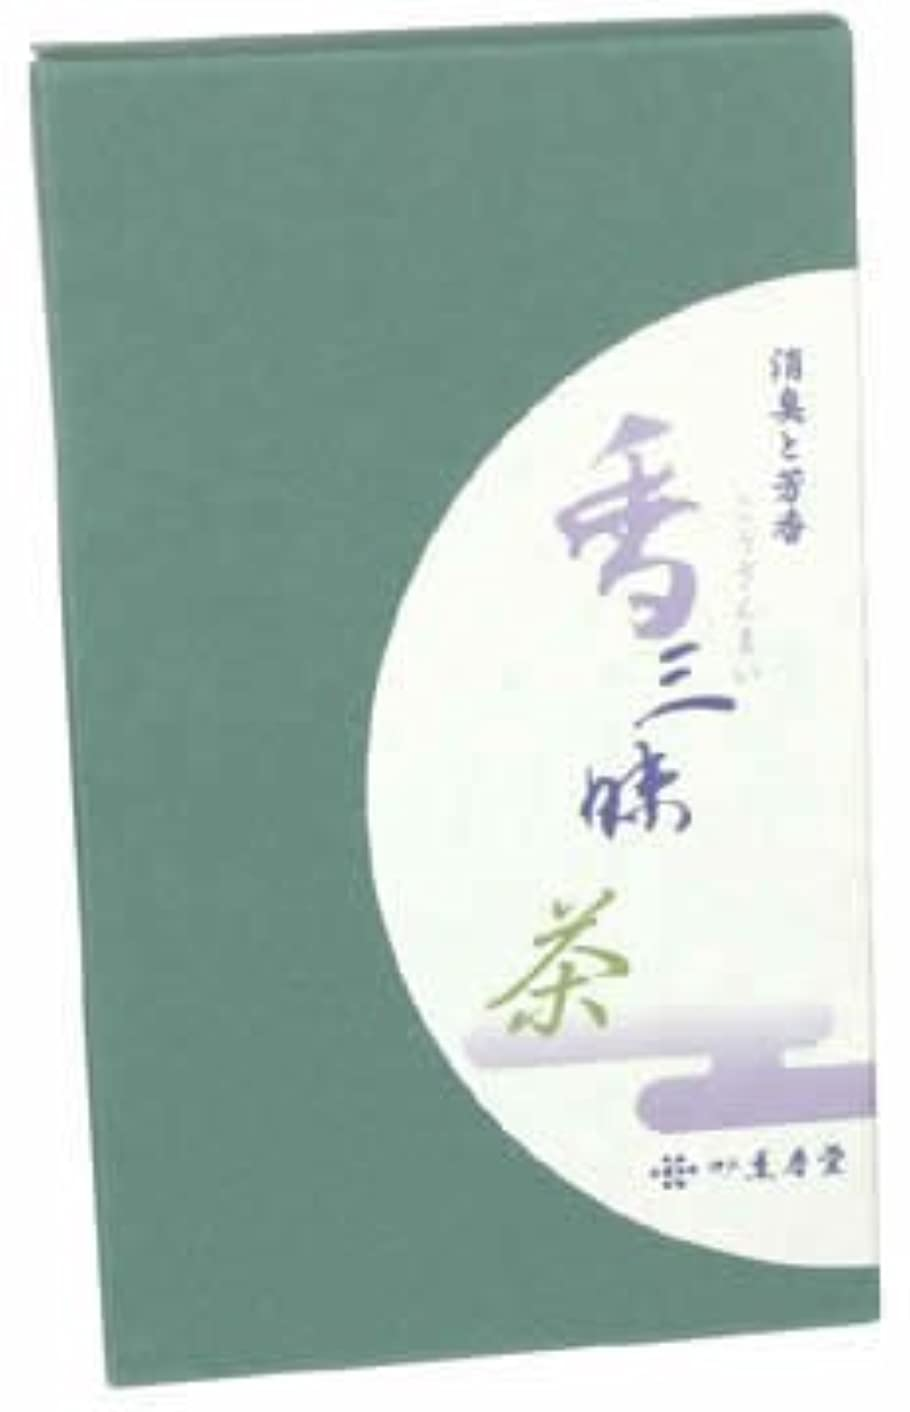 マーク乱用セメント香三昧 茶